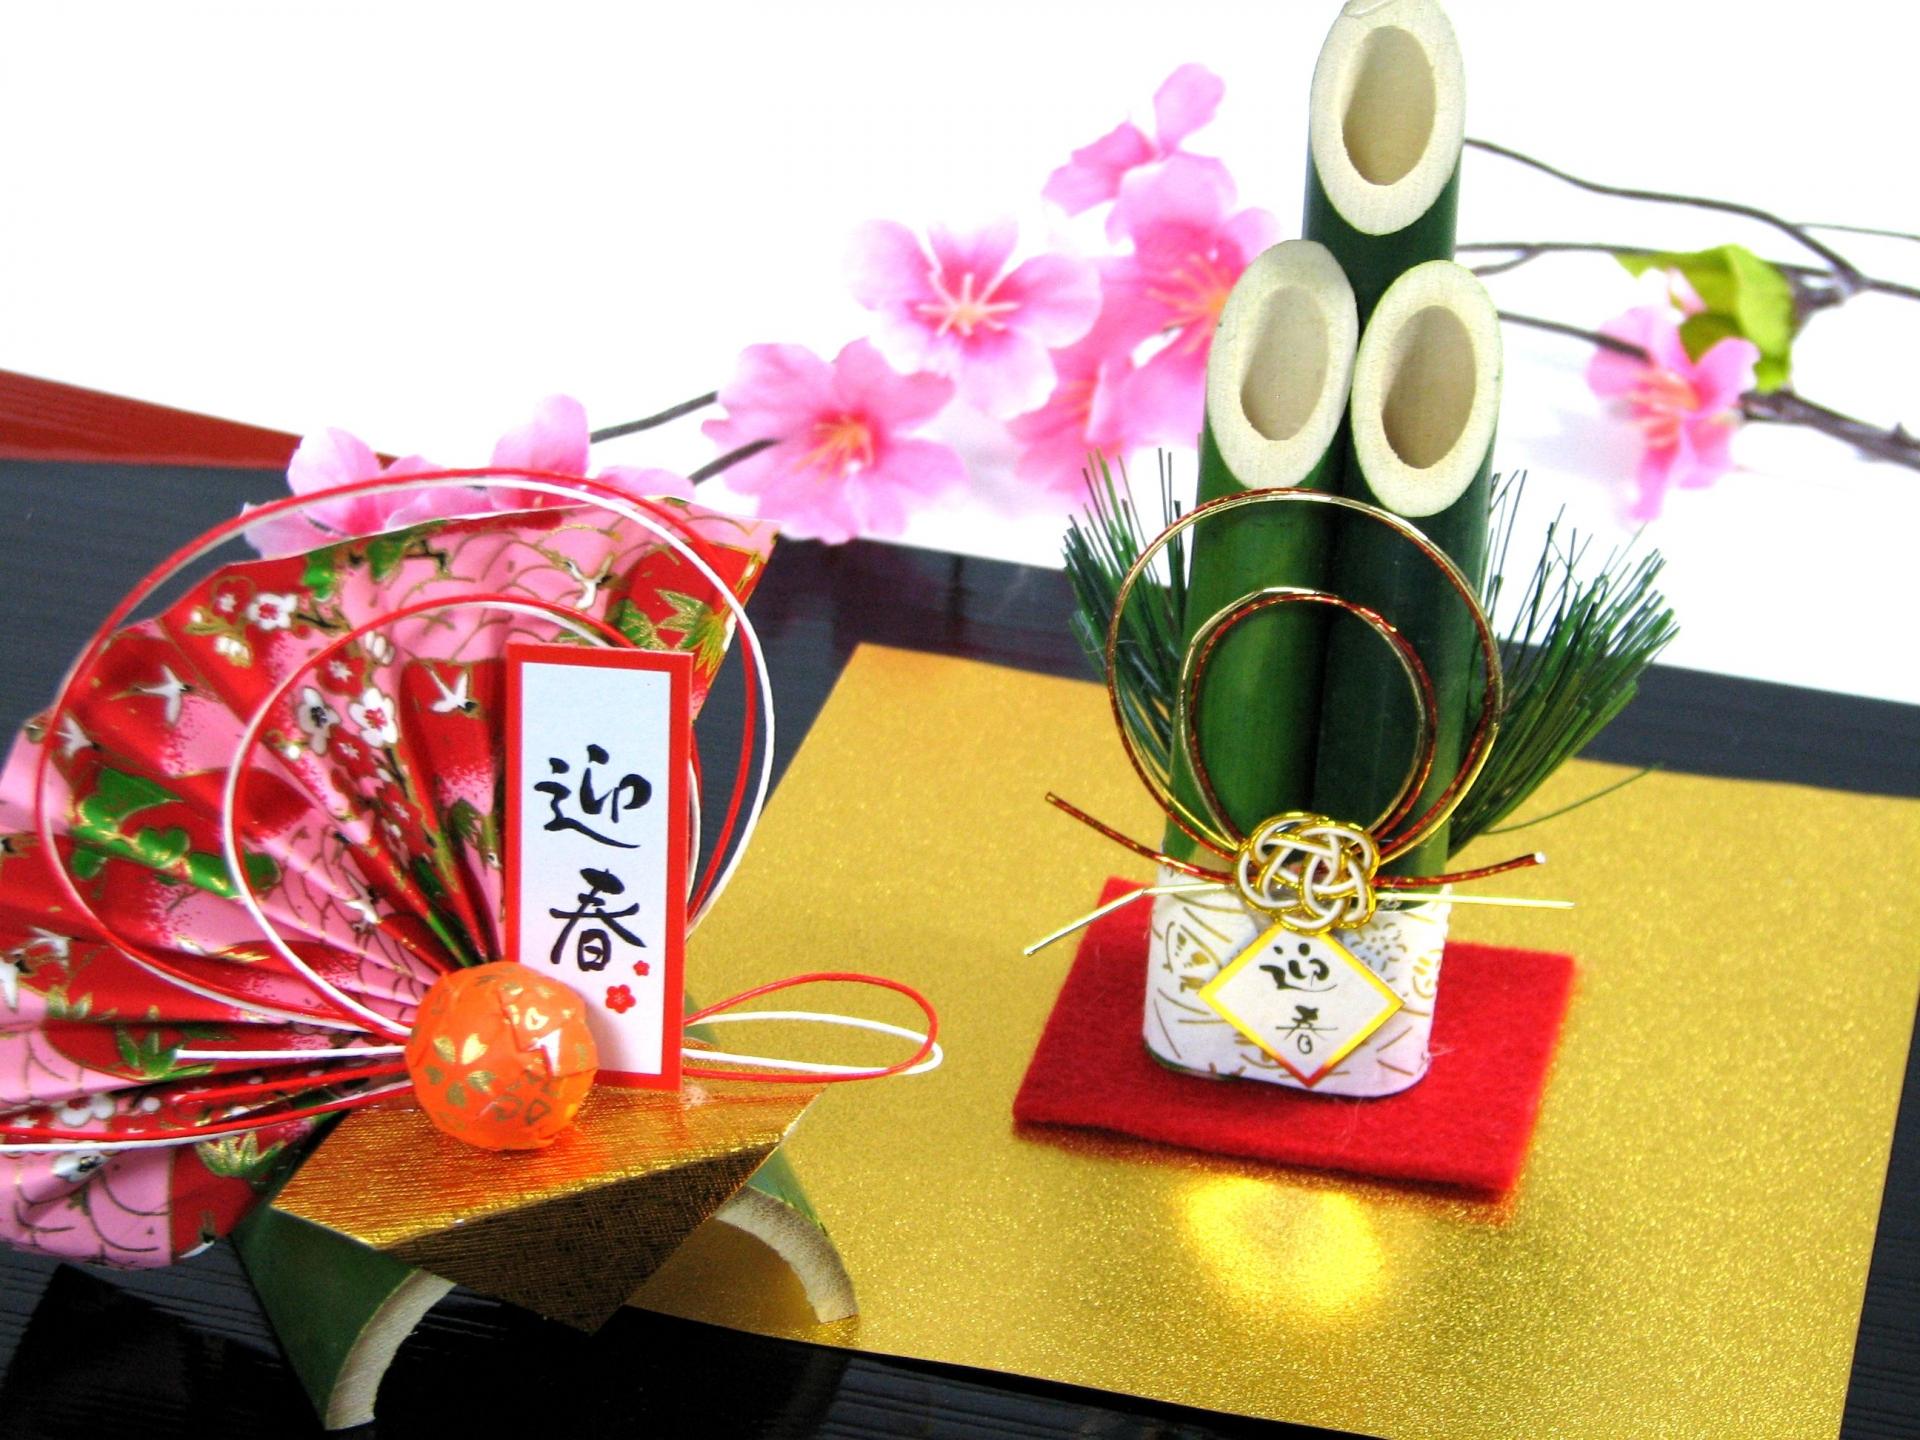 お正月にもお花を飾ろう!縁起の良いお花って何⁇